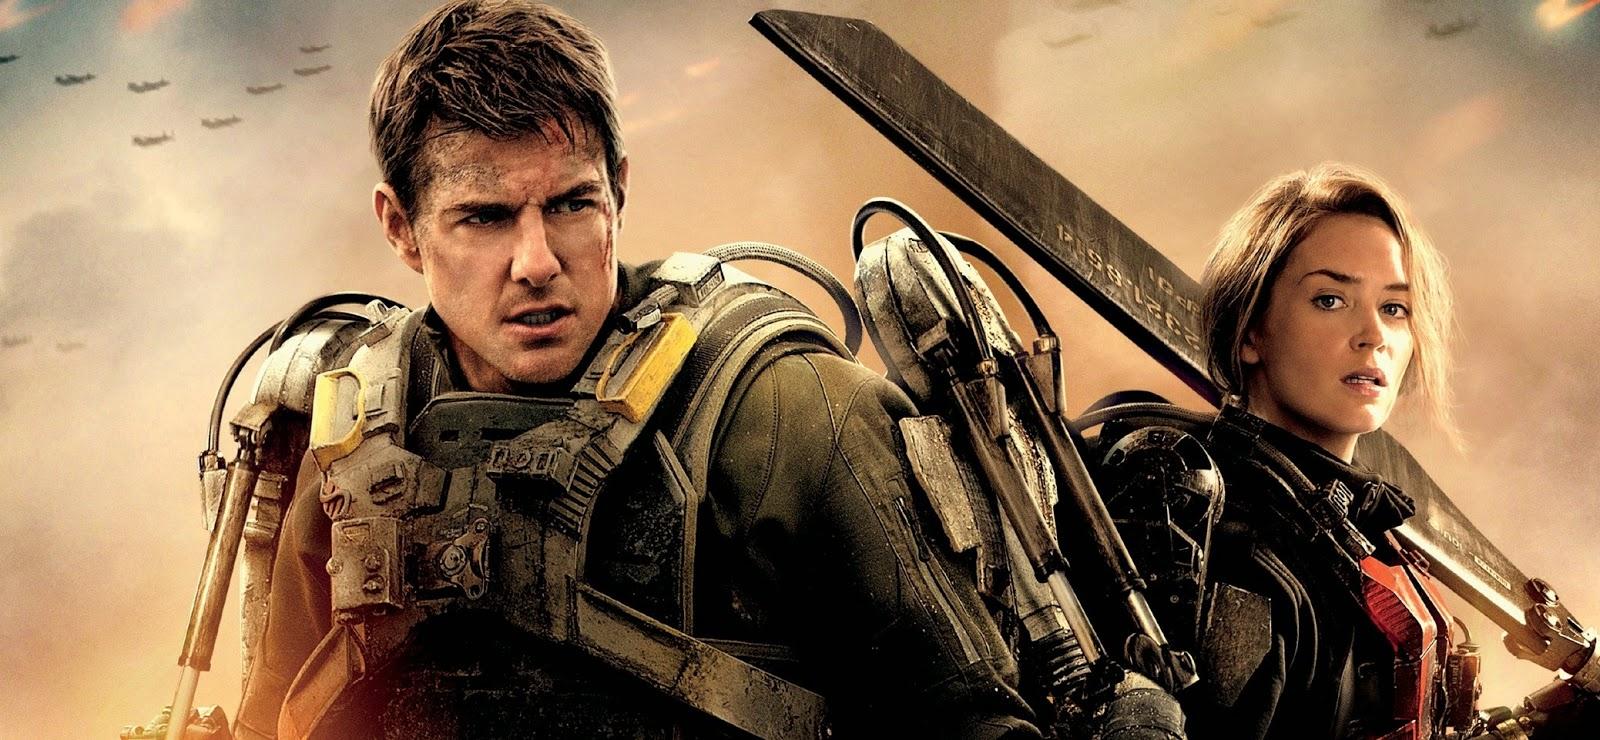 No Limite do Amanhã | Terceiro trailer e featurettes inéditos da ficção com Tom Cruise e Emily Blunt